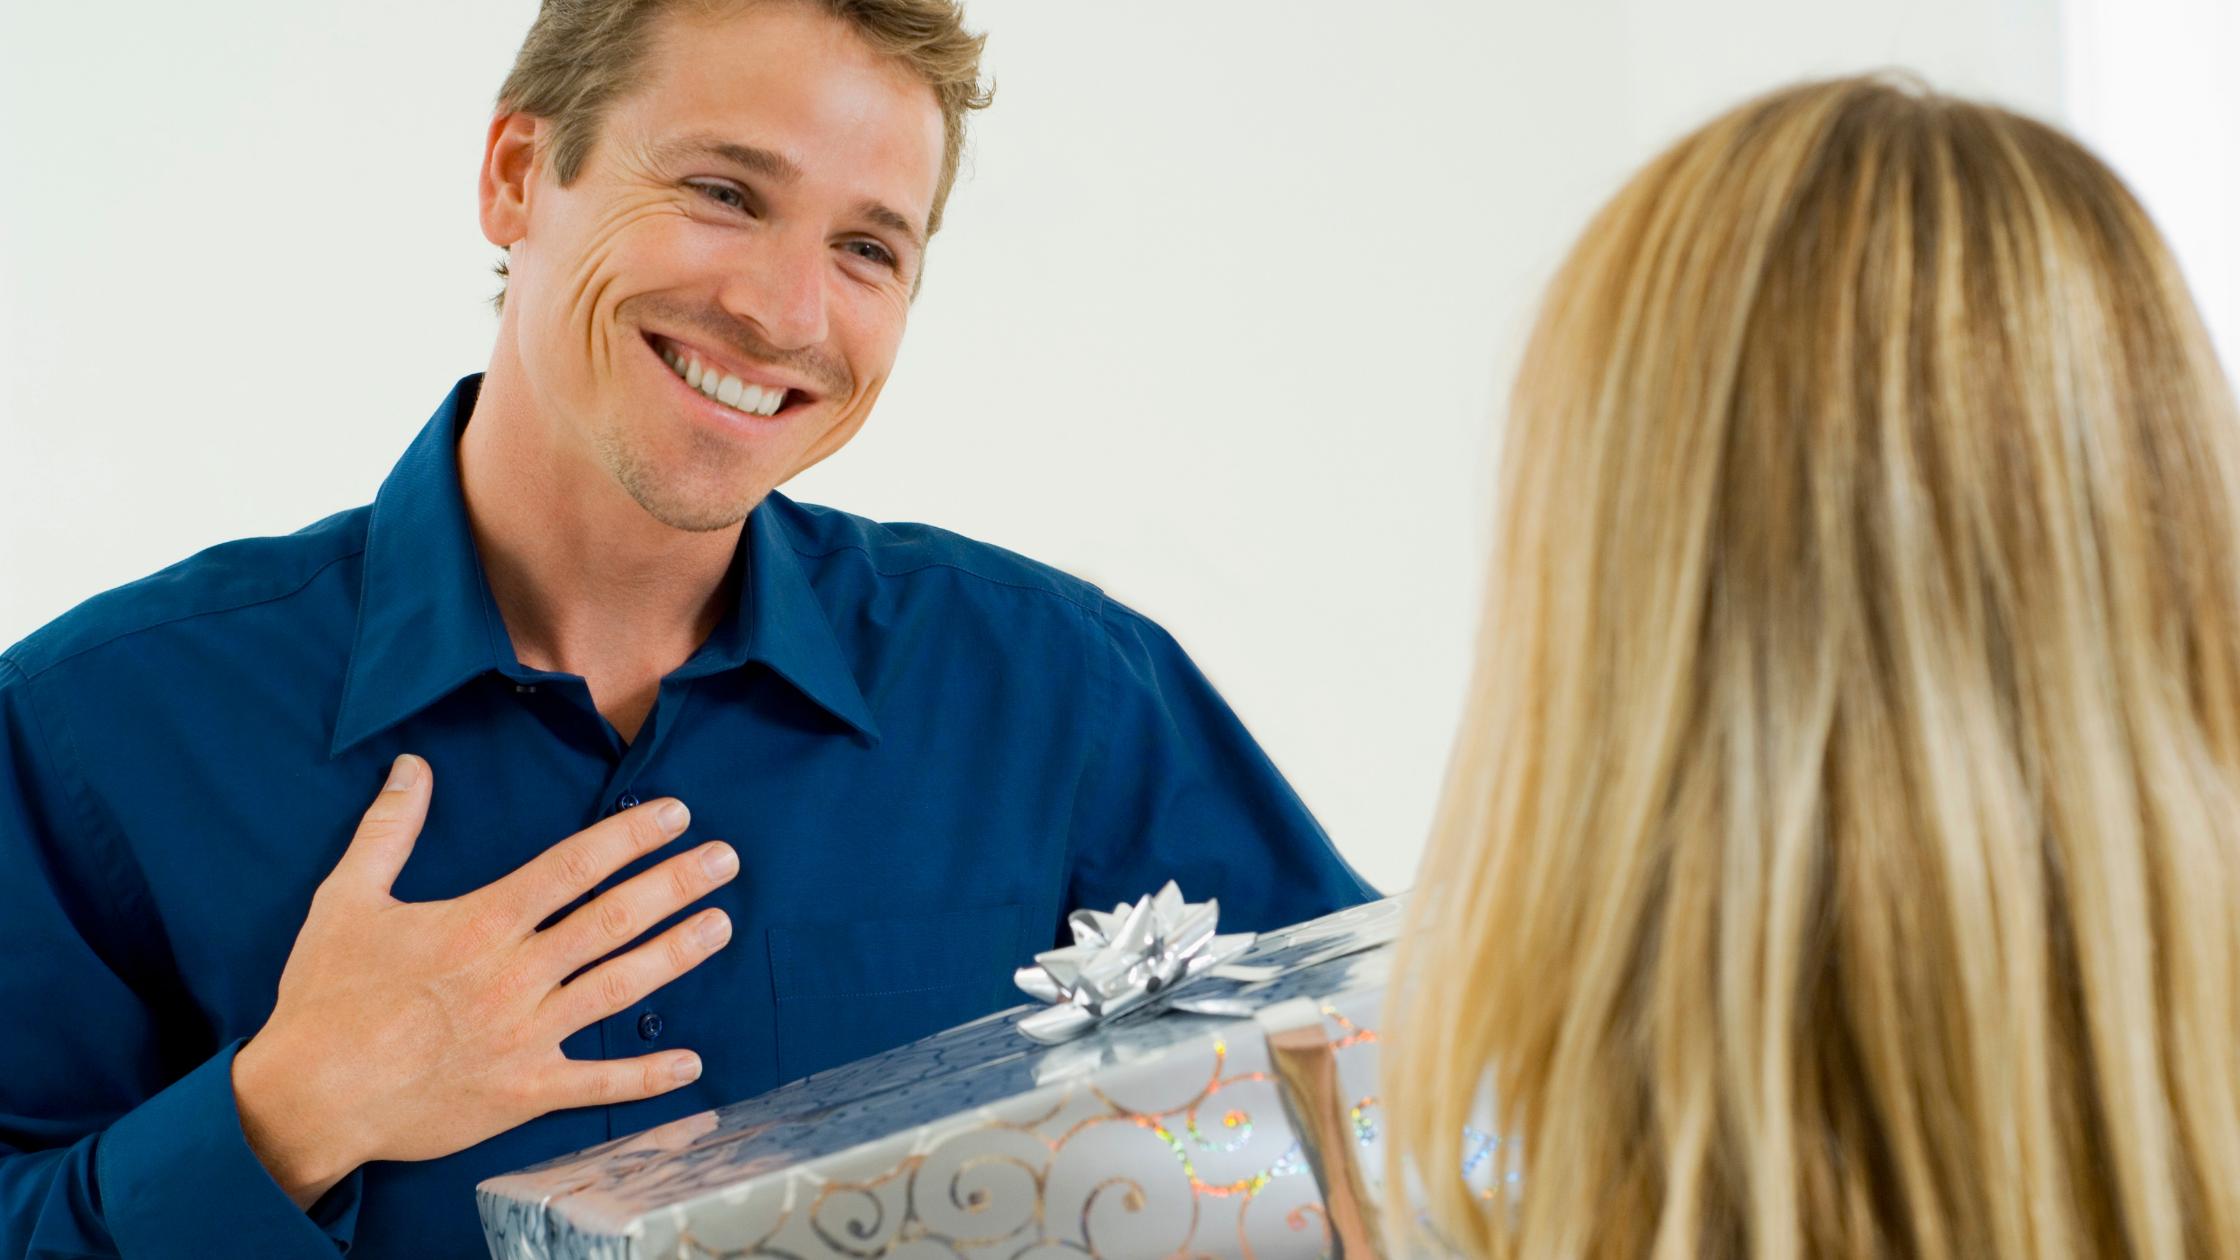 Top Multe Idei pentru cadouri Ziua Barbatului, 9 Martie